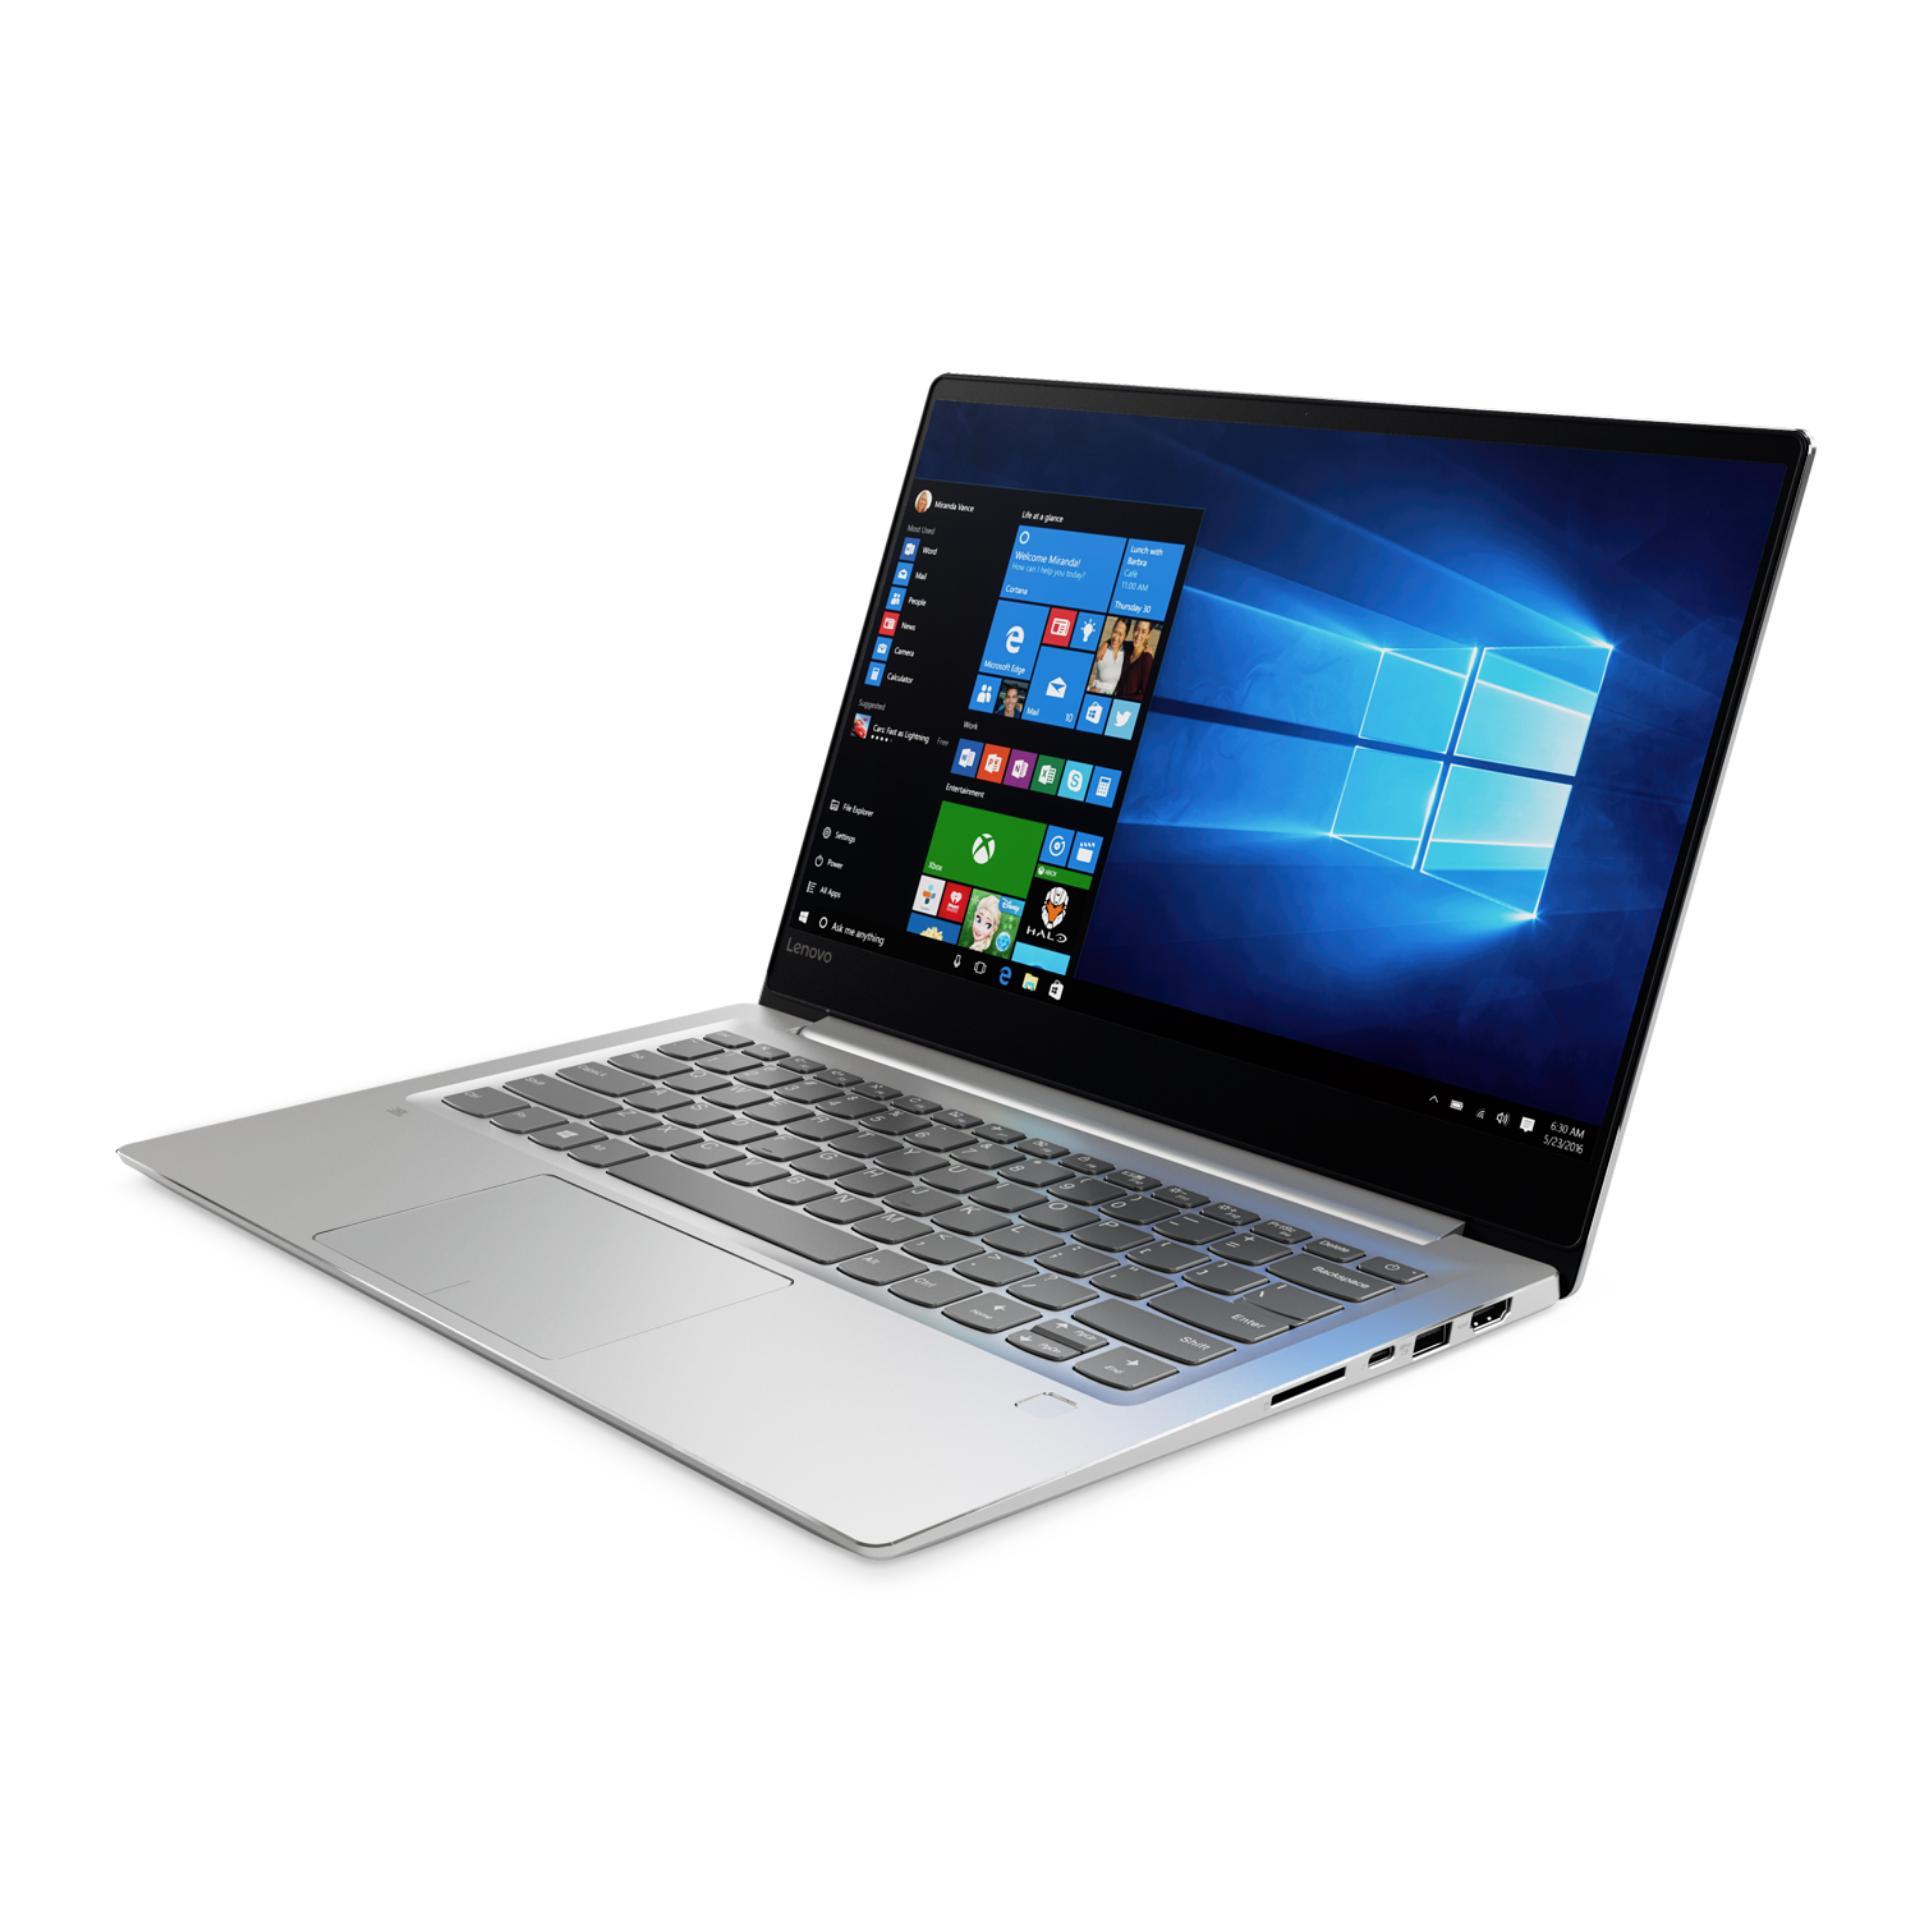 Lenovo Ideapad 720S-13ARR-41ID Gray  AMD RYZEN™ 7 2700U - 8GB - 512GB SSD - 13 inch - Win10 - 2Yr